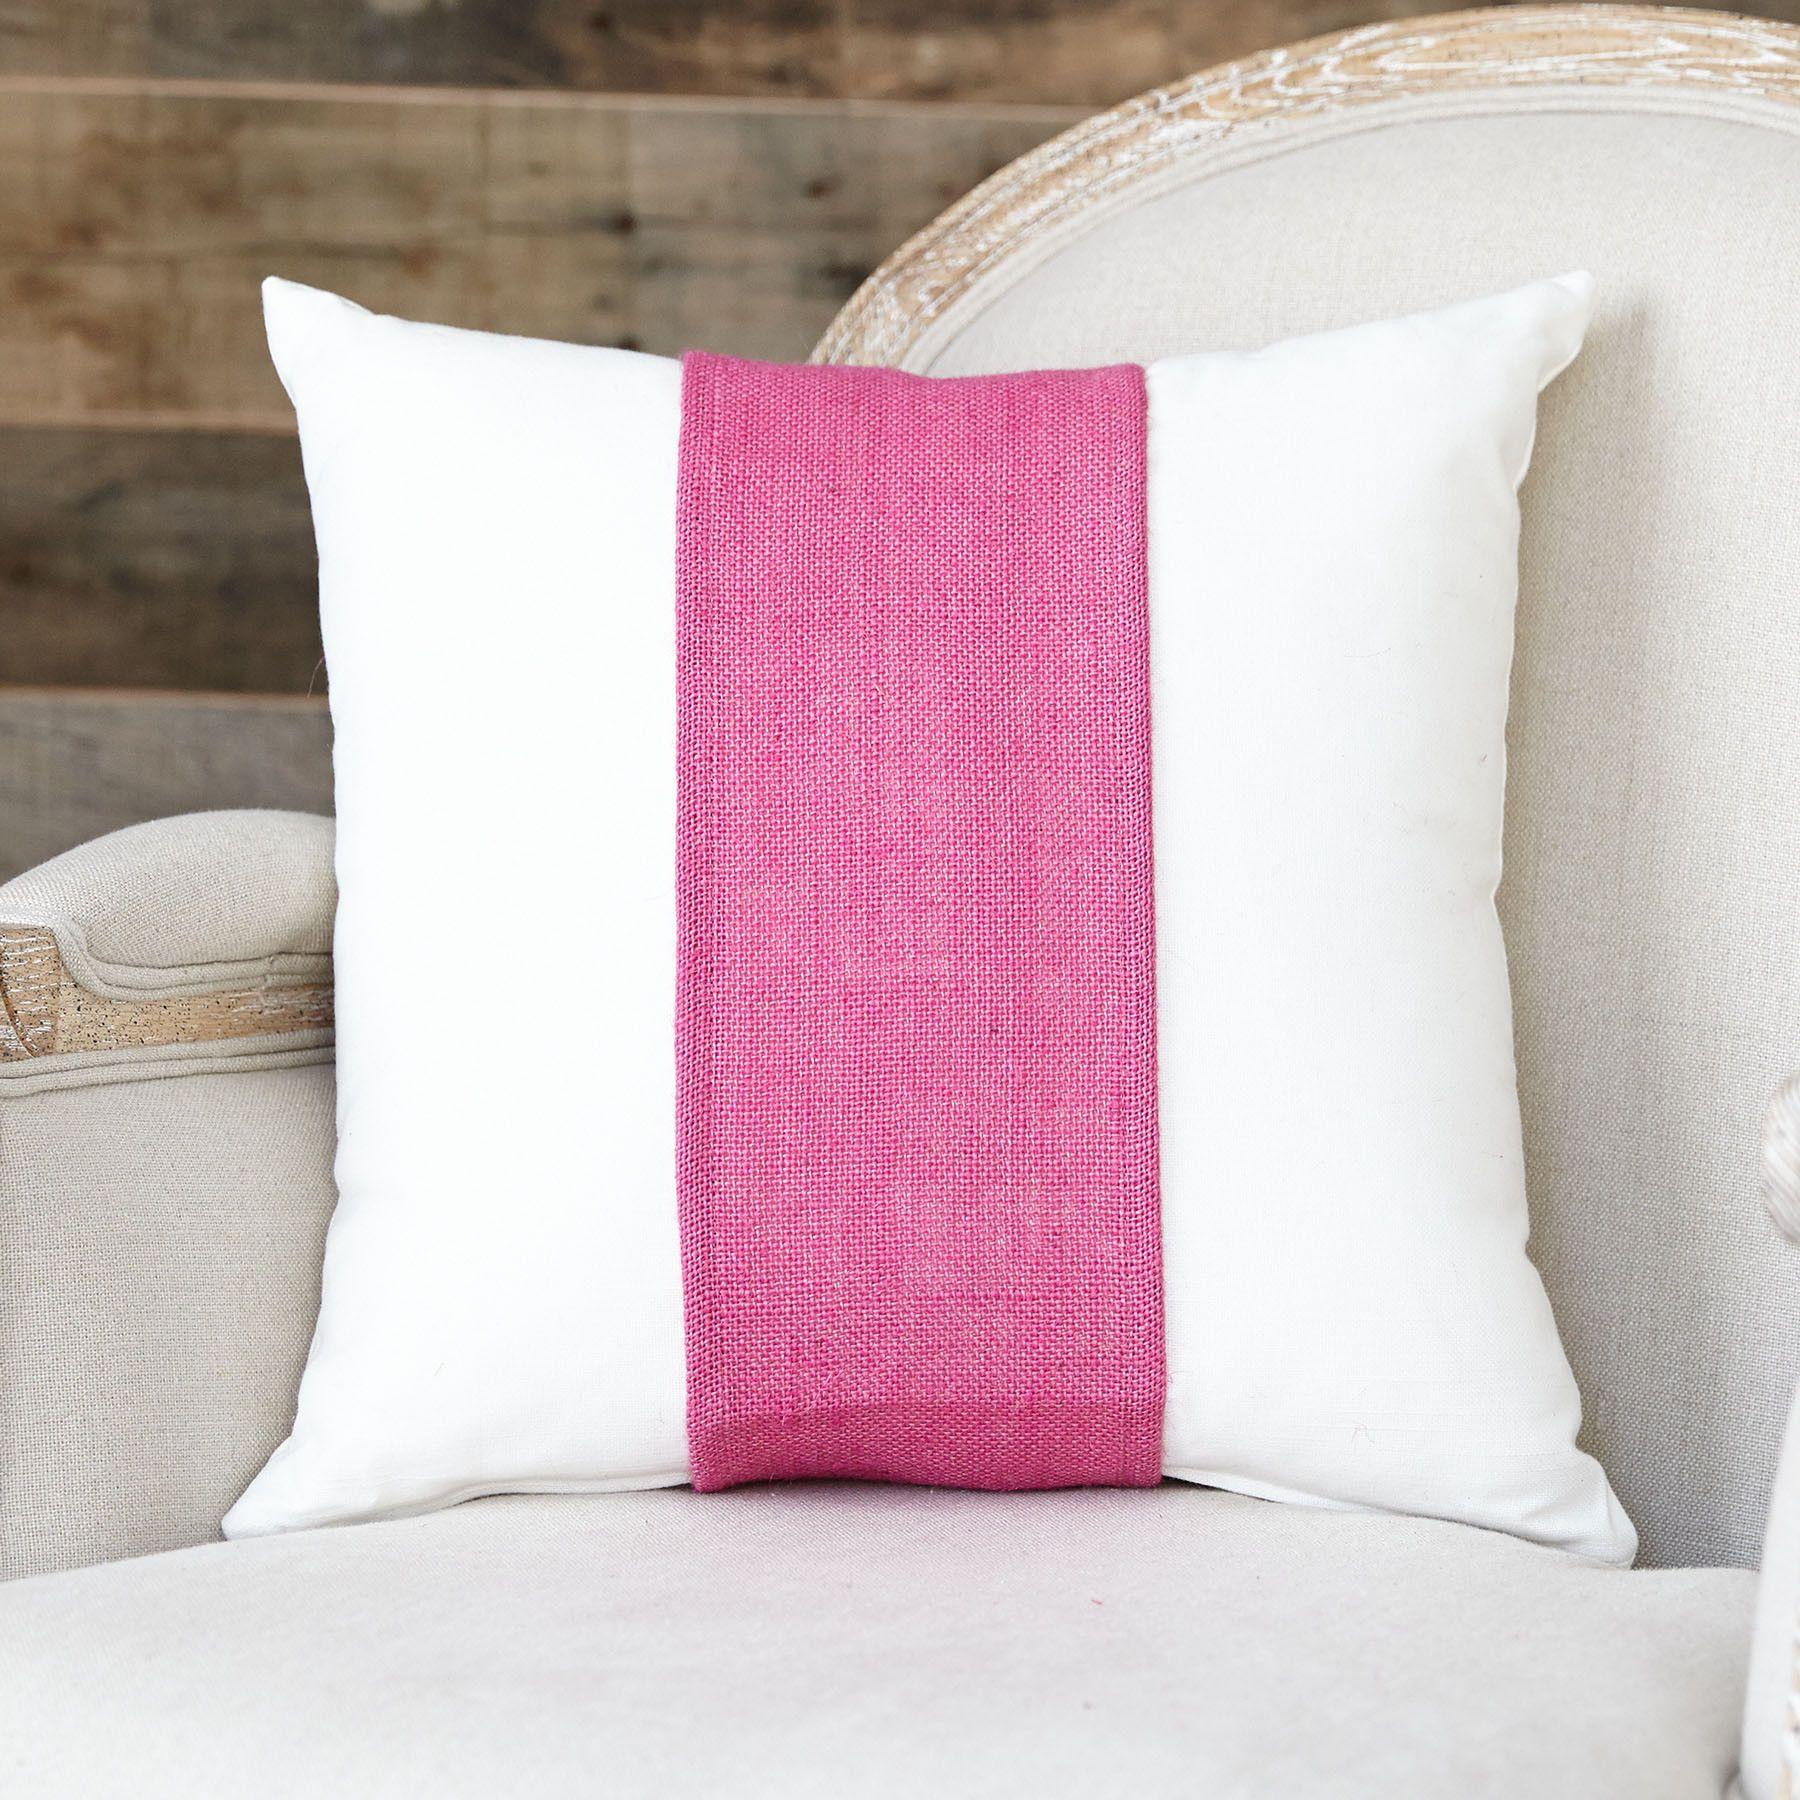 Hot pink burlap pillow band pillows burlap pillows